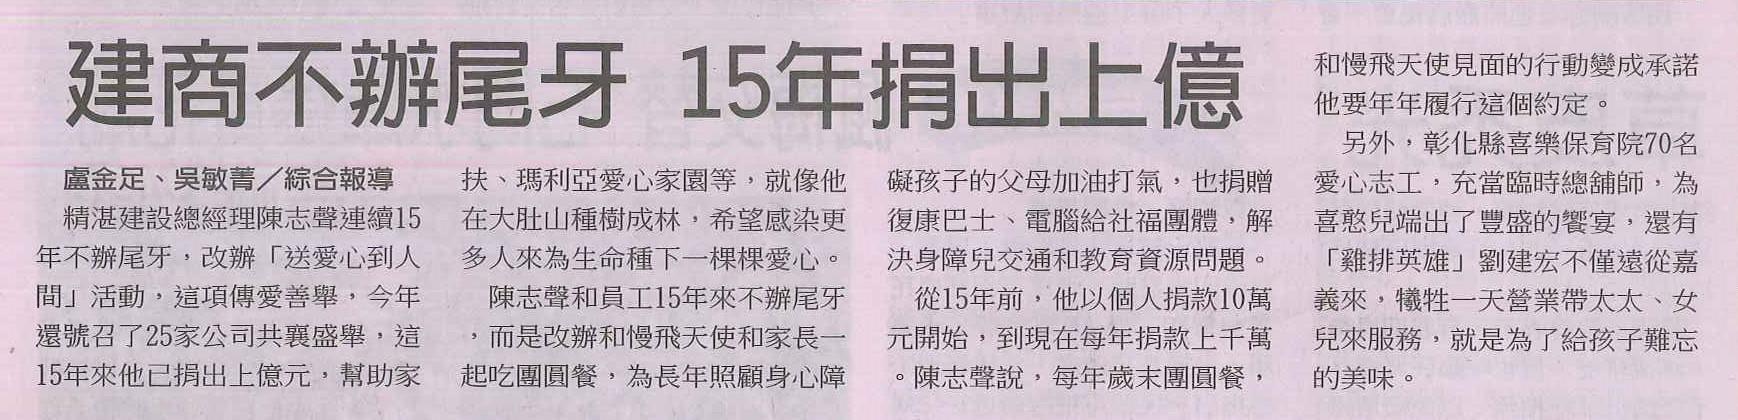 20140106中國時報B2_建商不辦尾牙 15年捐出上億